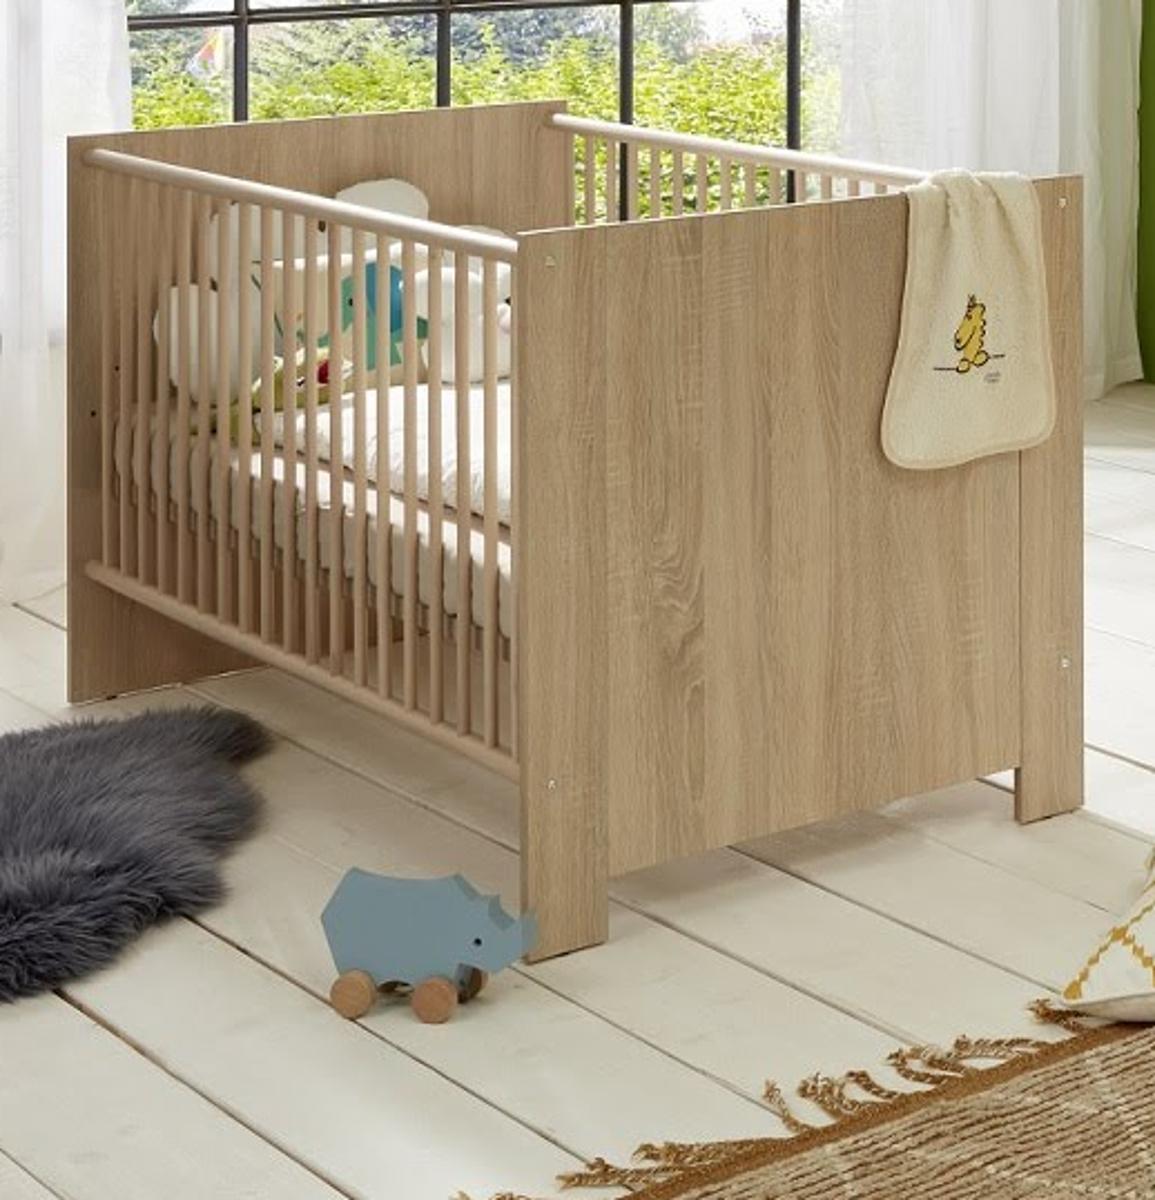 Full Size of Babybett Schwarz Schwarzes Bett Weiß 180x200 Schwarze Küche Wohnzimmer Babybett Schwarz